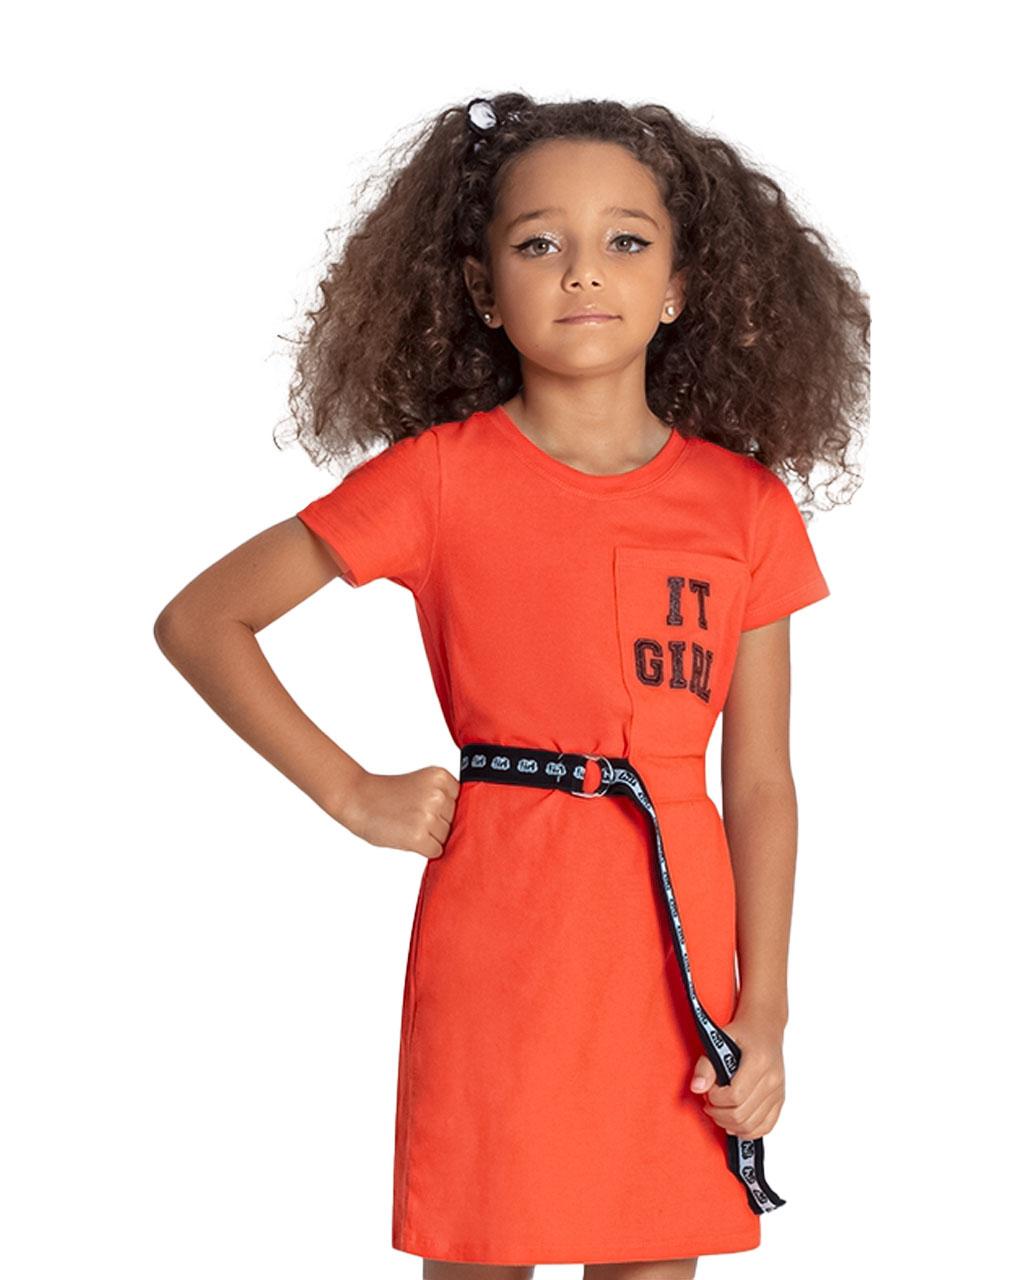 Vestido Infantil It Girl Laranja Bobbylulu